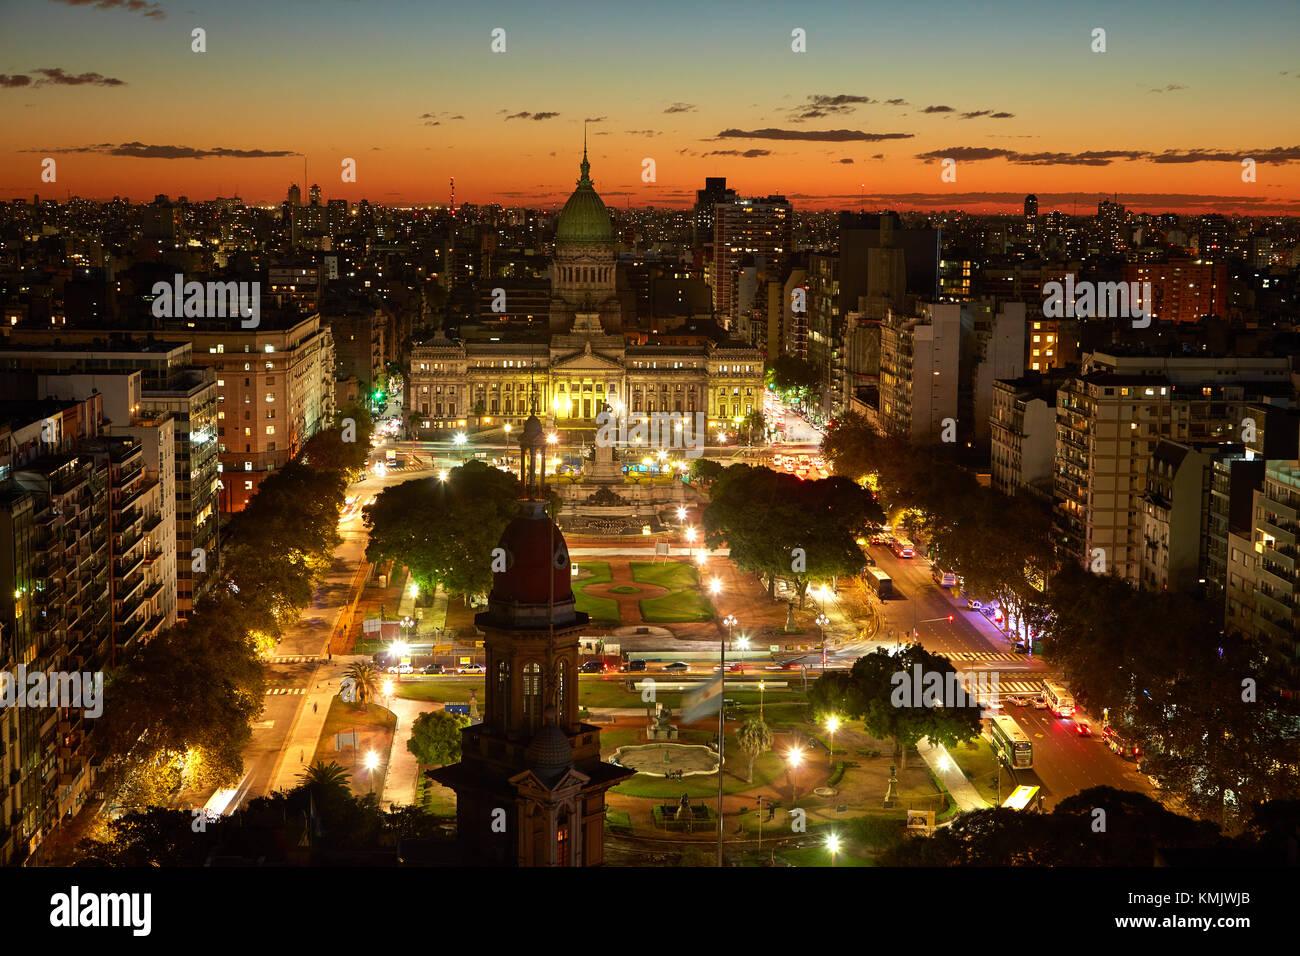 Atardecer en la plaza del congreso, y el palacio del congreso, del Palacio Barolo, buenos aires, argentina, SUDAMÉRICA Imagen De Stock